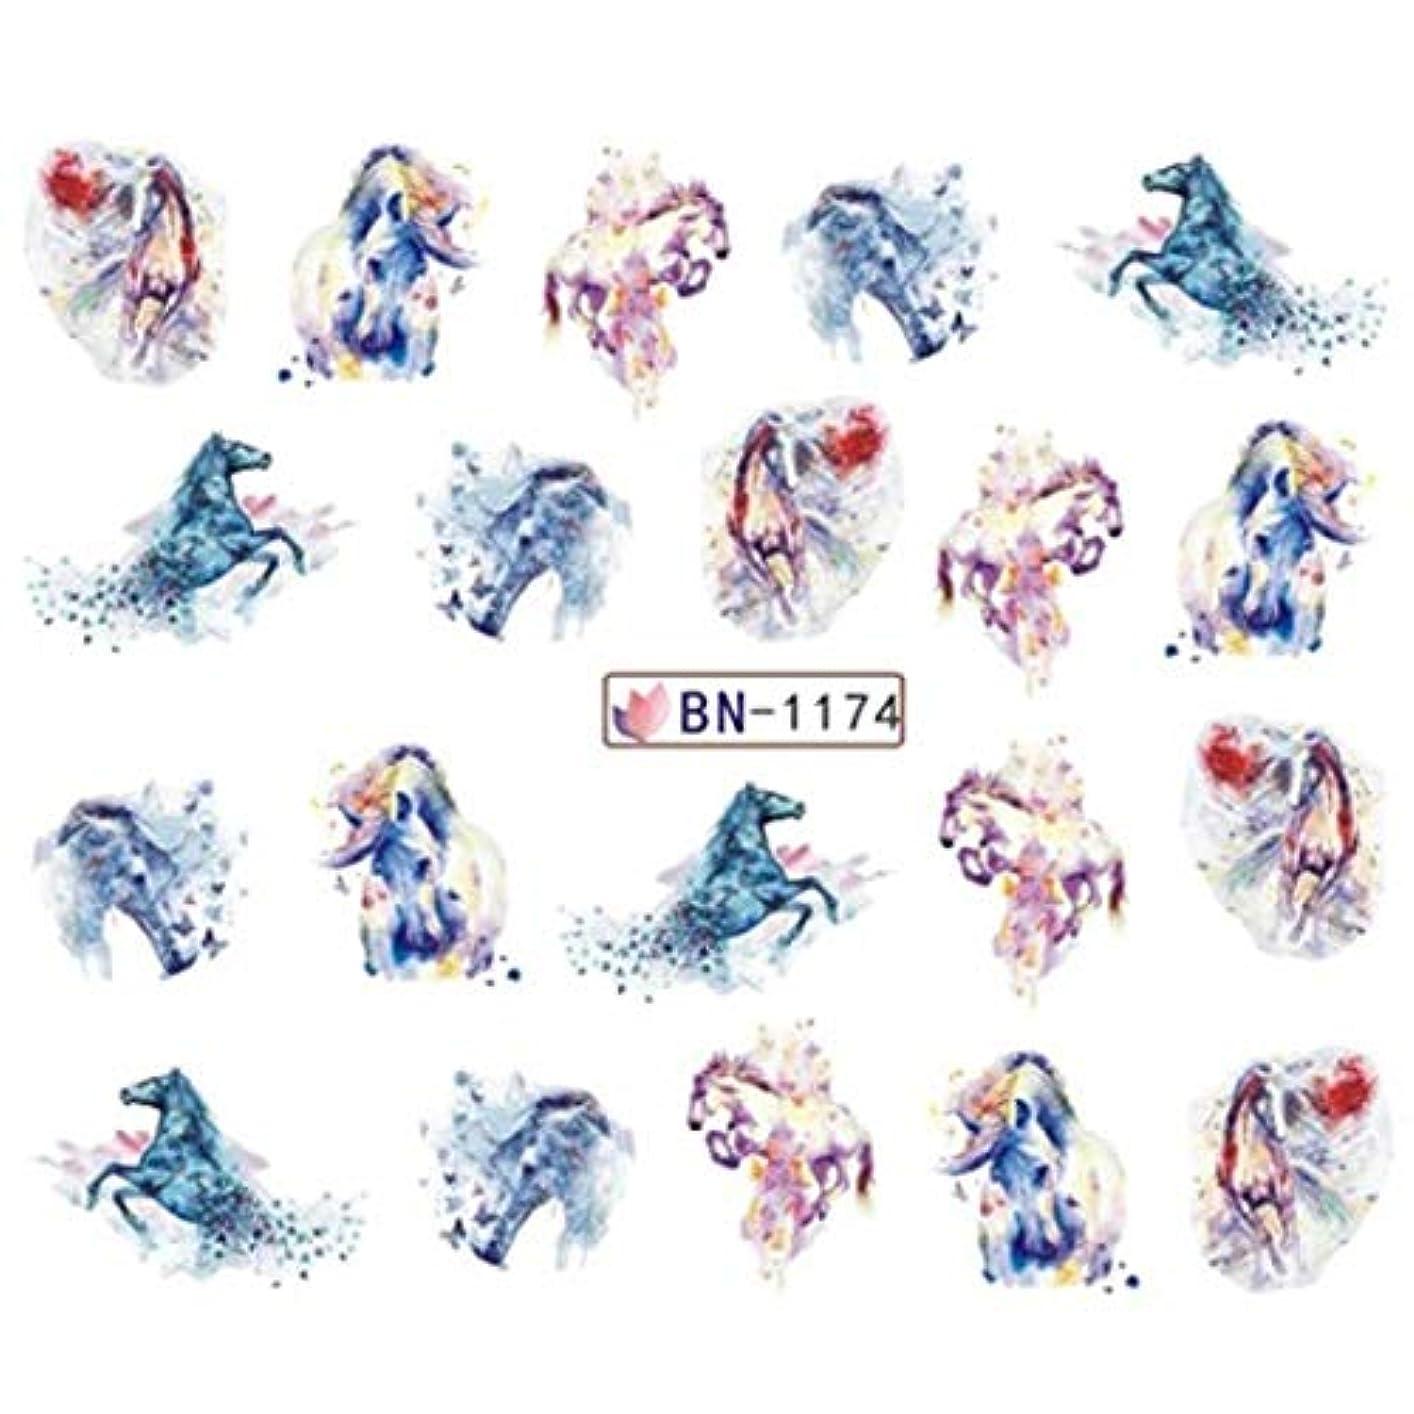 ピニオン傑作酔っ払いSUKTI&XIAO ネイルステッカー 1ピースネイルステッカー透かしインクデザイン水転写スライダー動物の花マニキュア装飾ネイルアートのヒントデカール、Bn1174